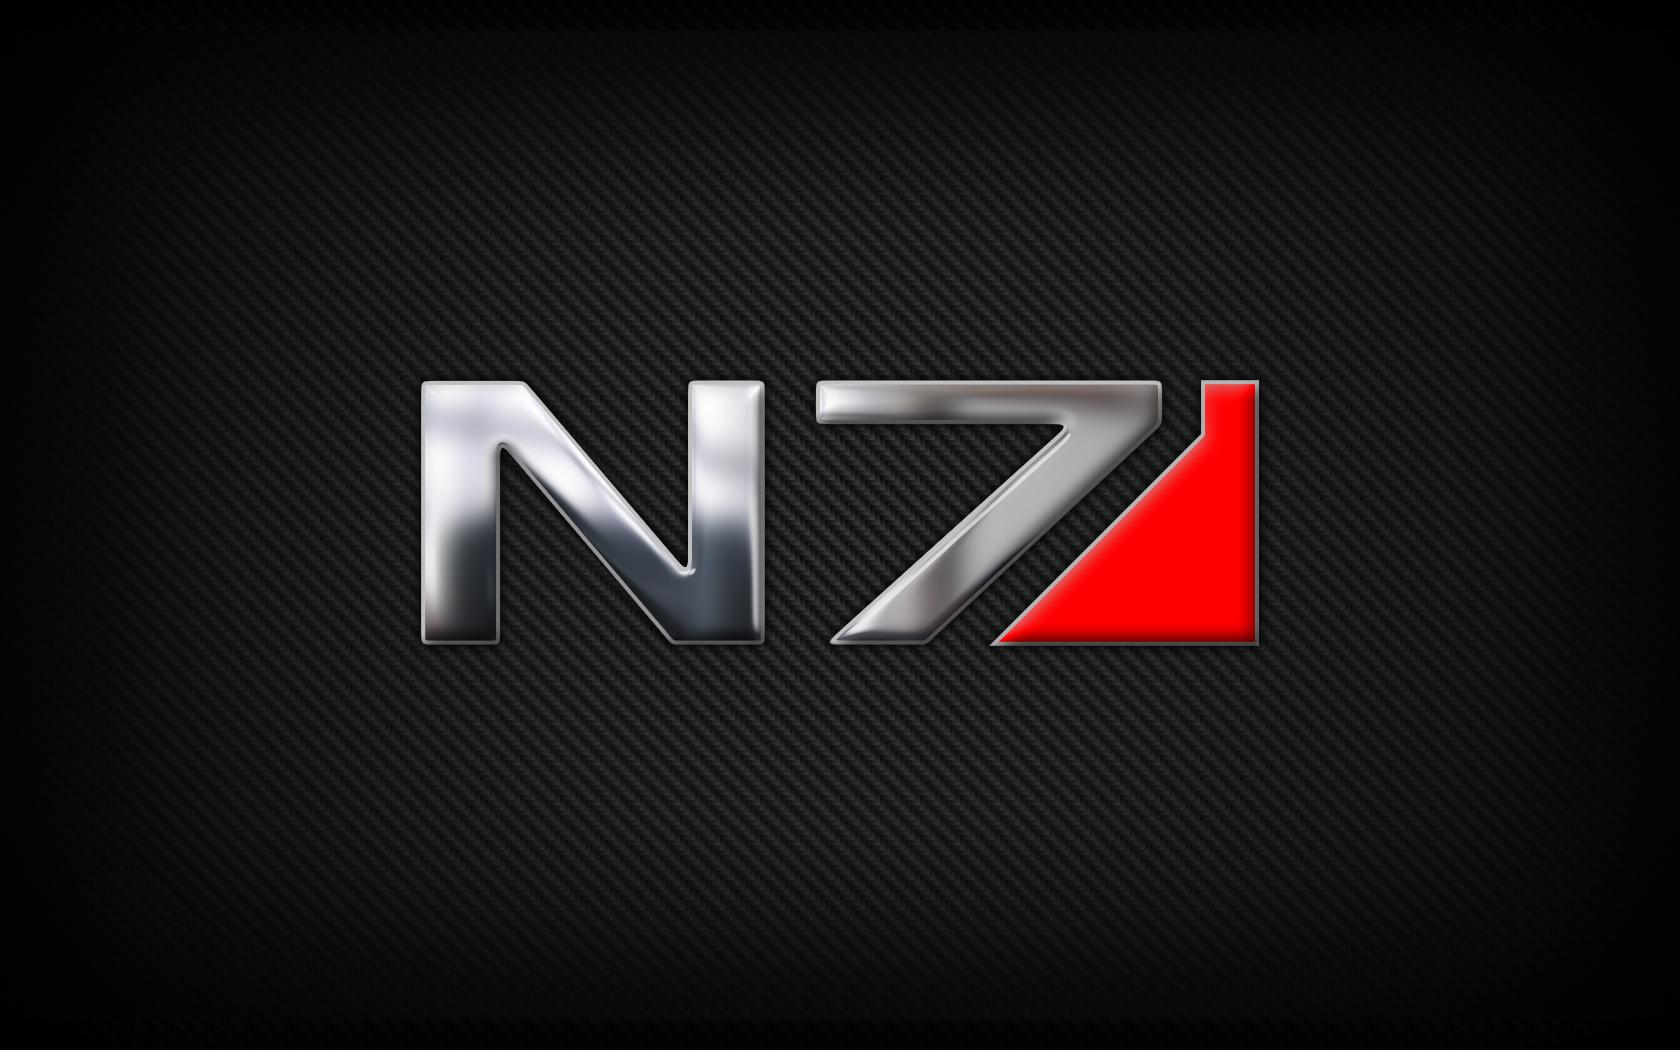 N7 HD Wallpaper - WallpaperSafari